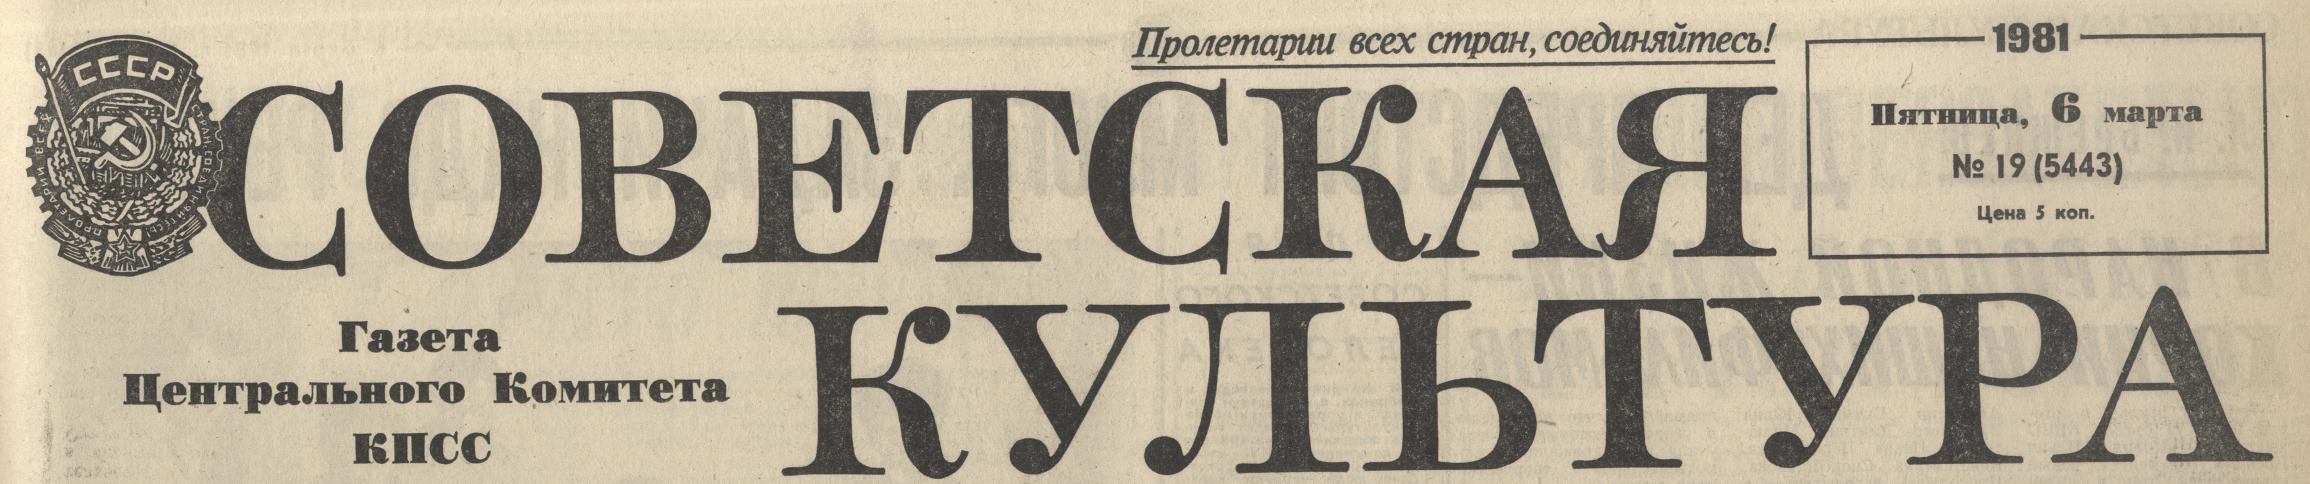 http://forumupload.ru/uploads/000c/4a/cb/1532/584764.jpg